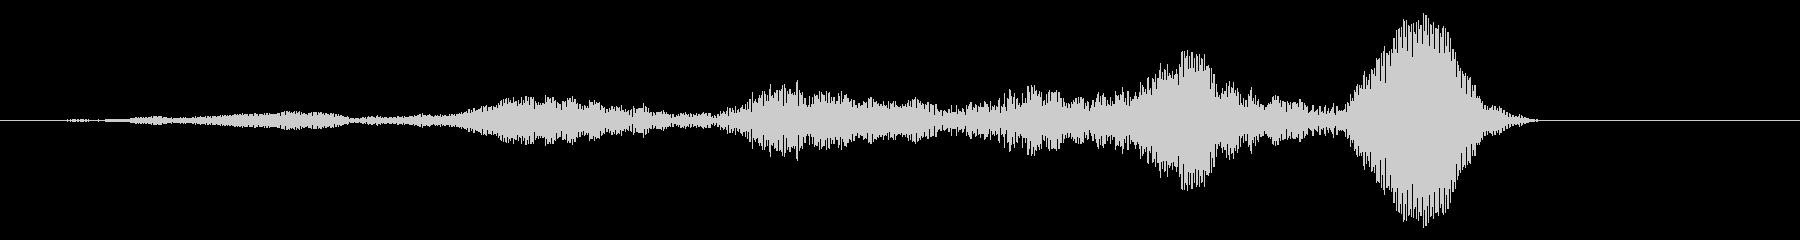 ショートディープホローロービルドアップの未再生の波形